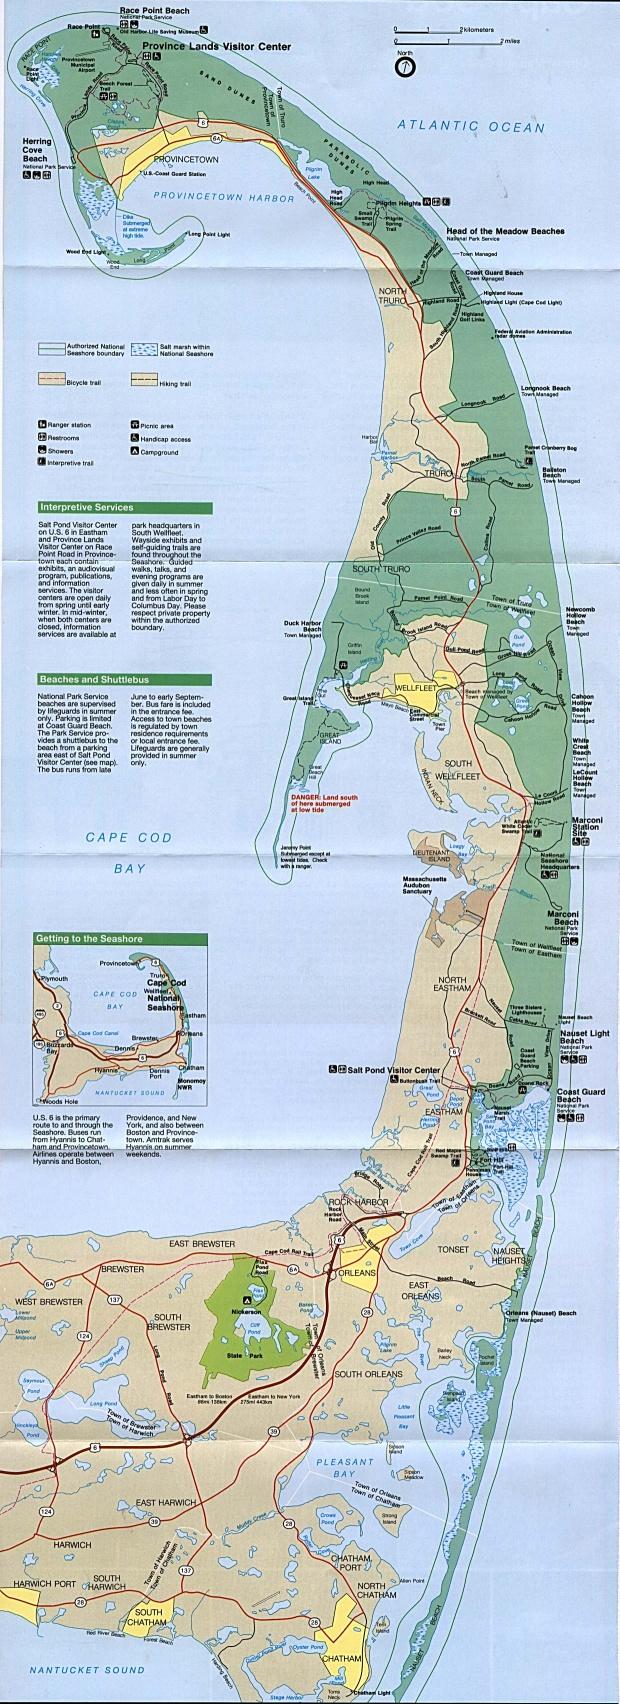 Mapa del Parque de la Área Marina Costera Protegida de Cape Cod, Massachusetts, Estados Unidos